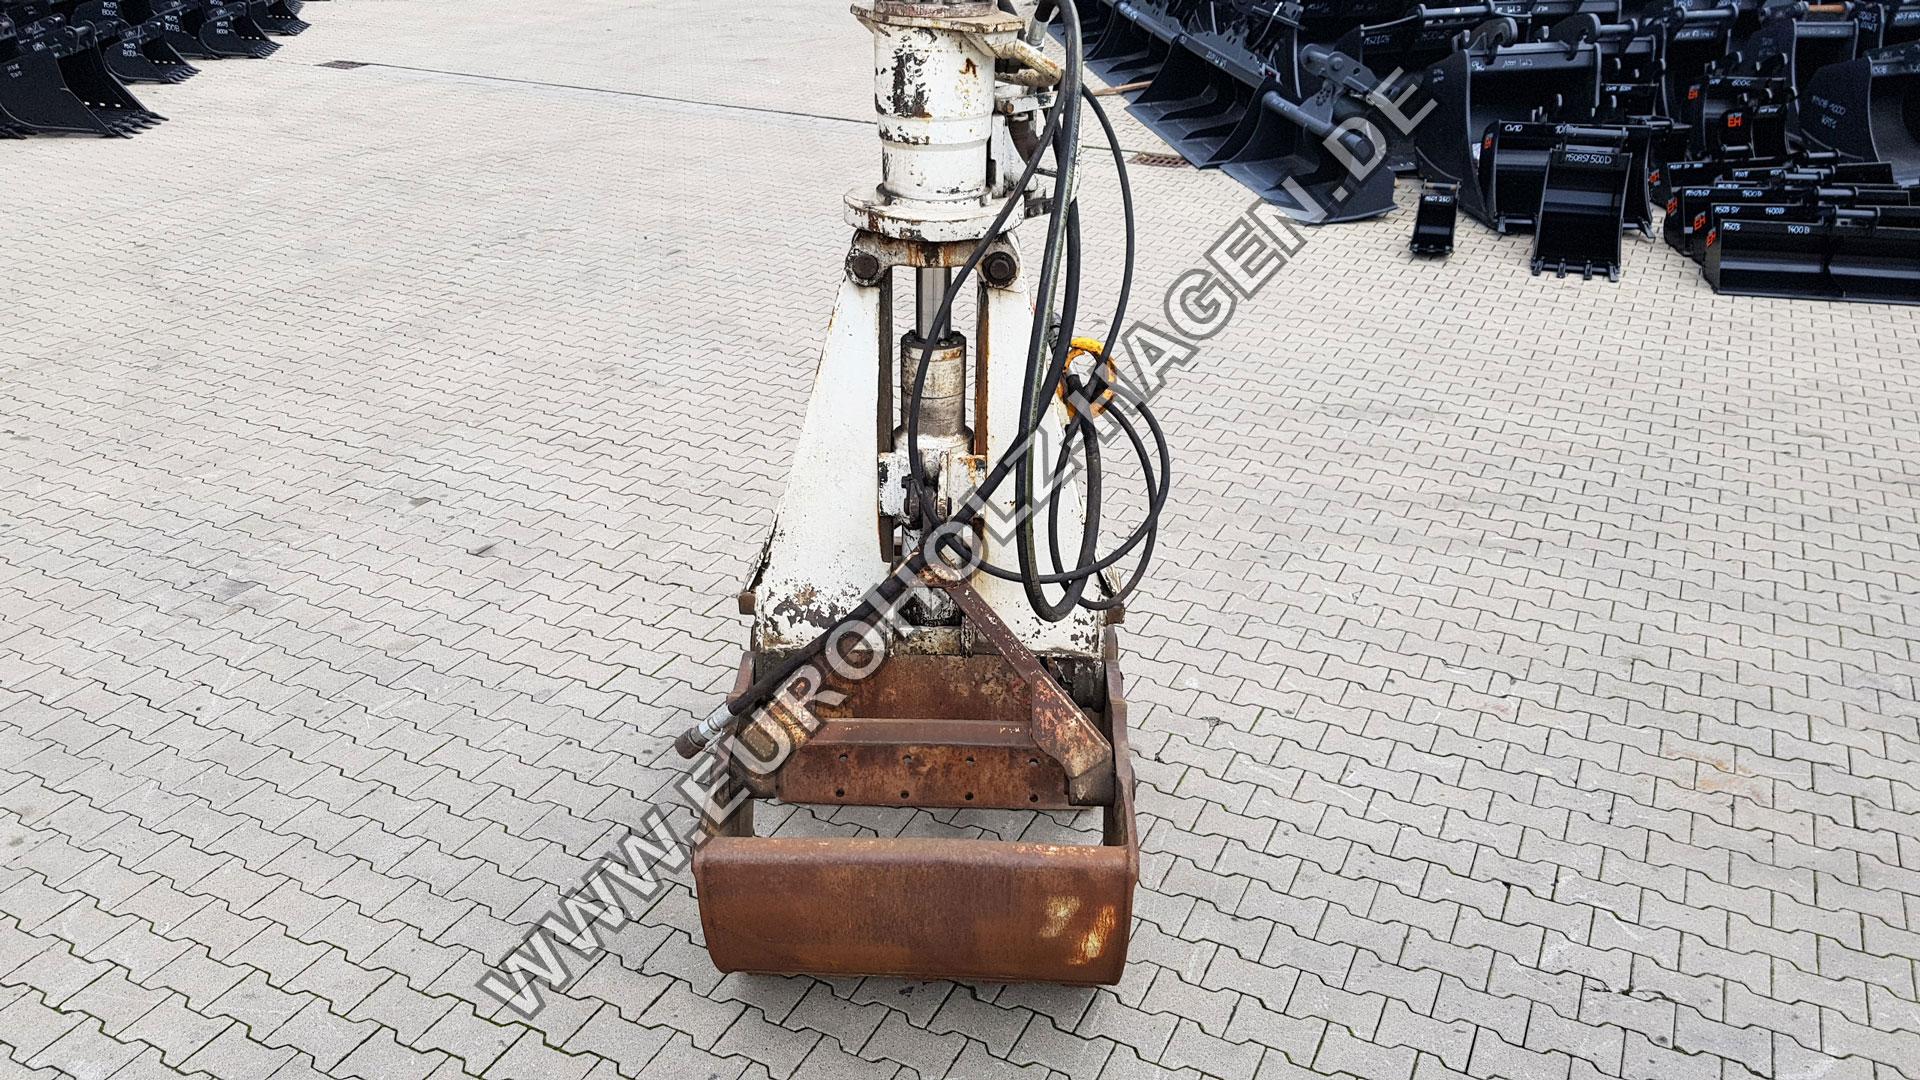 Zweischalengreifer 60 120 mm Greifer Schalen Ladegreifer Aushubgreifer